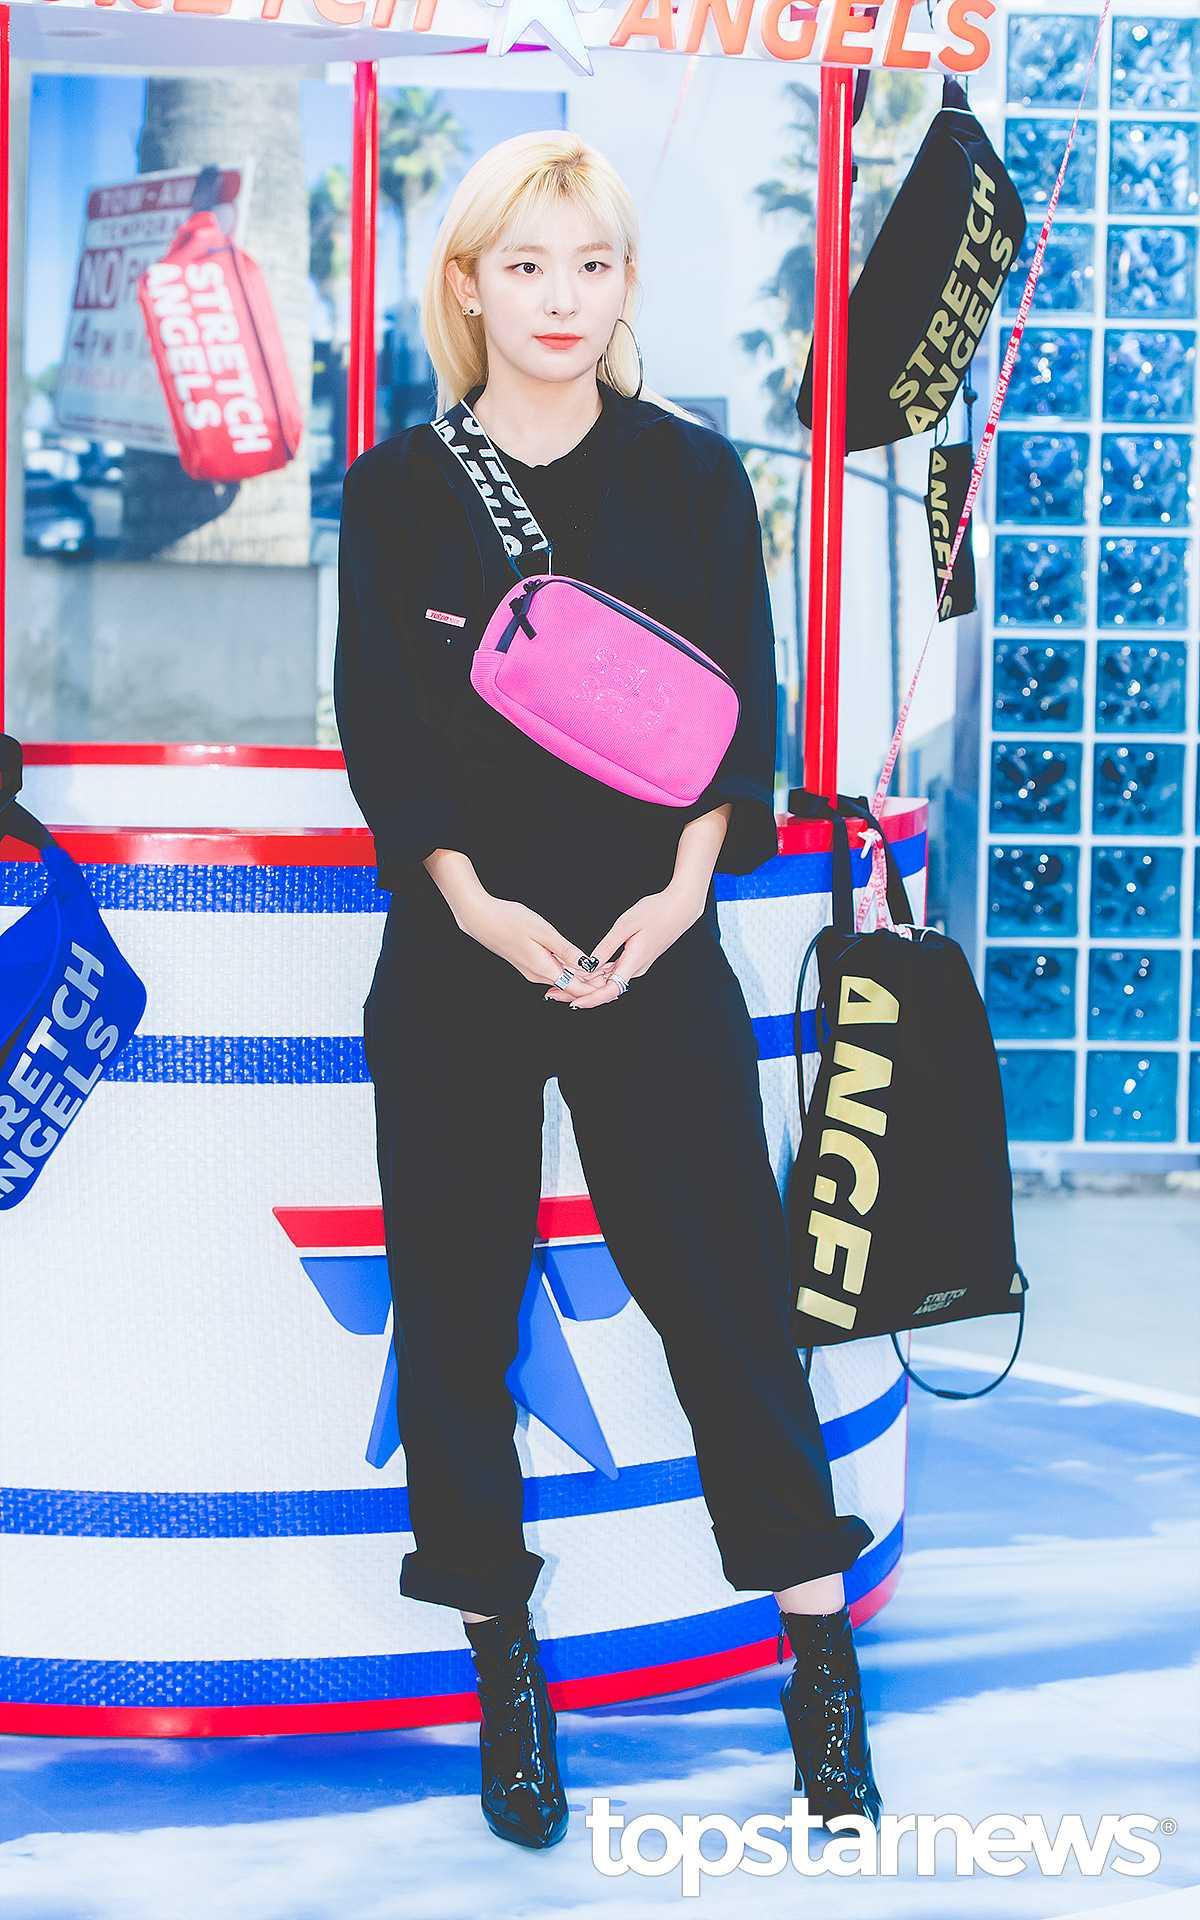 24歲代表-Red Velvet(SEULGI): 開始嘗試高跟鞋,大概就是這個年紀吧?要是害怕高跟鞋會讓你看起來太成熟,就像SEULGI一樣利用街頭性感風為主,雖然上半身都是利用比較帥氣的單品做搭配,但是最後選擇遺孀漆皮高跟靴,反而在酷炫的風格中找到一點女性魅力。